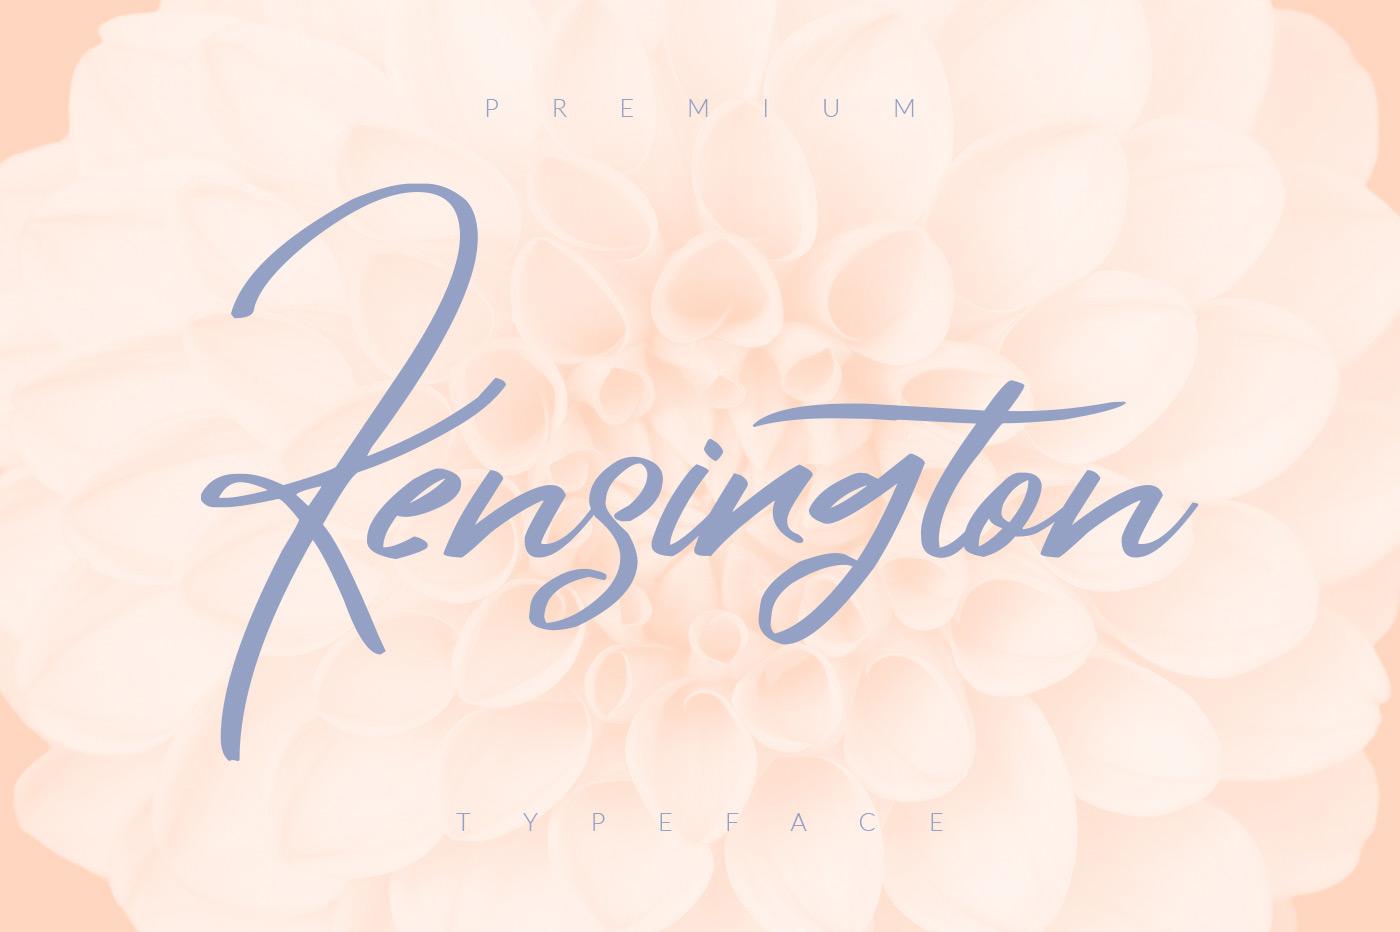 Kensington script font befonts